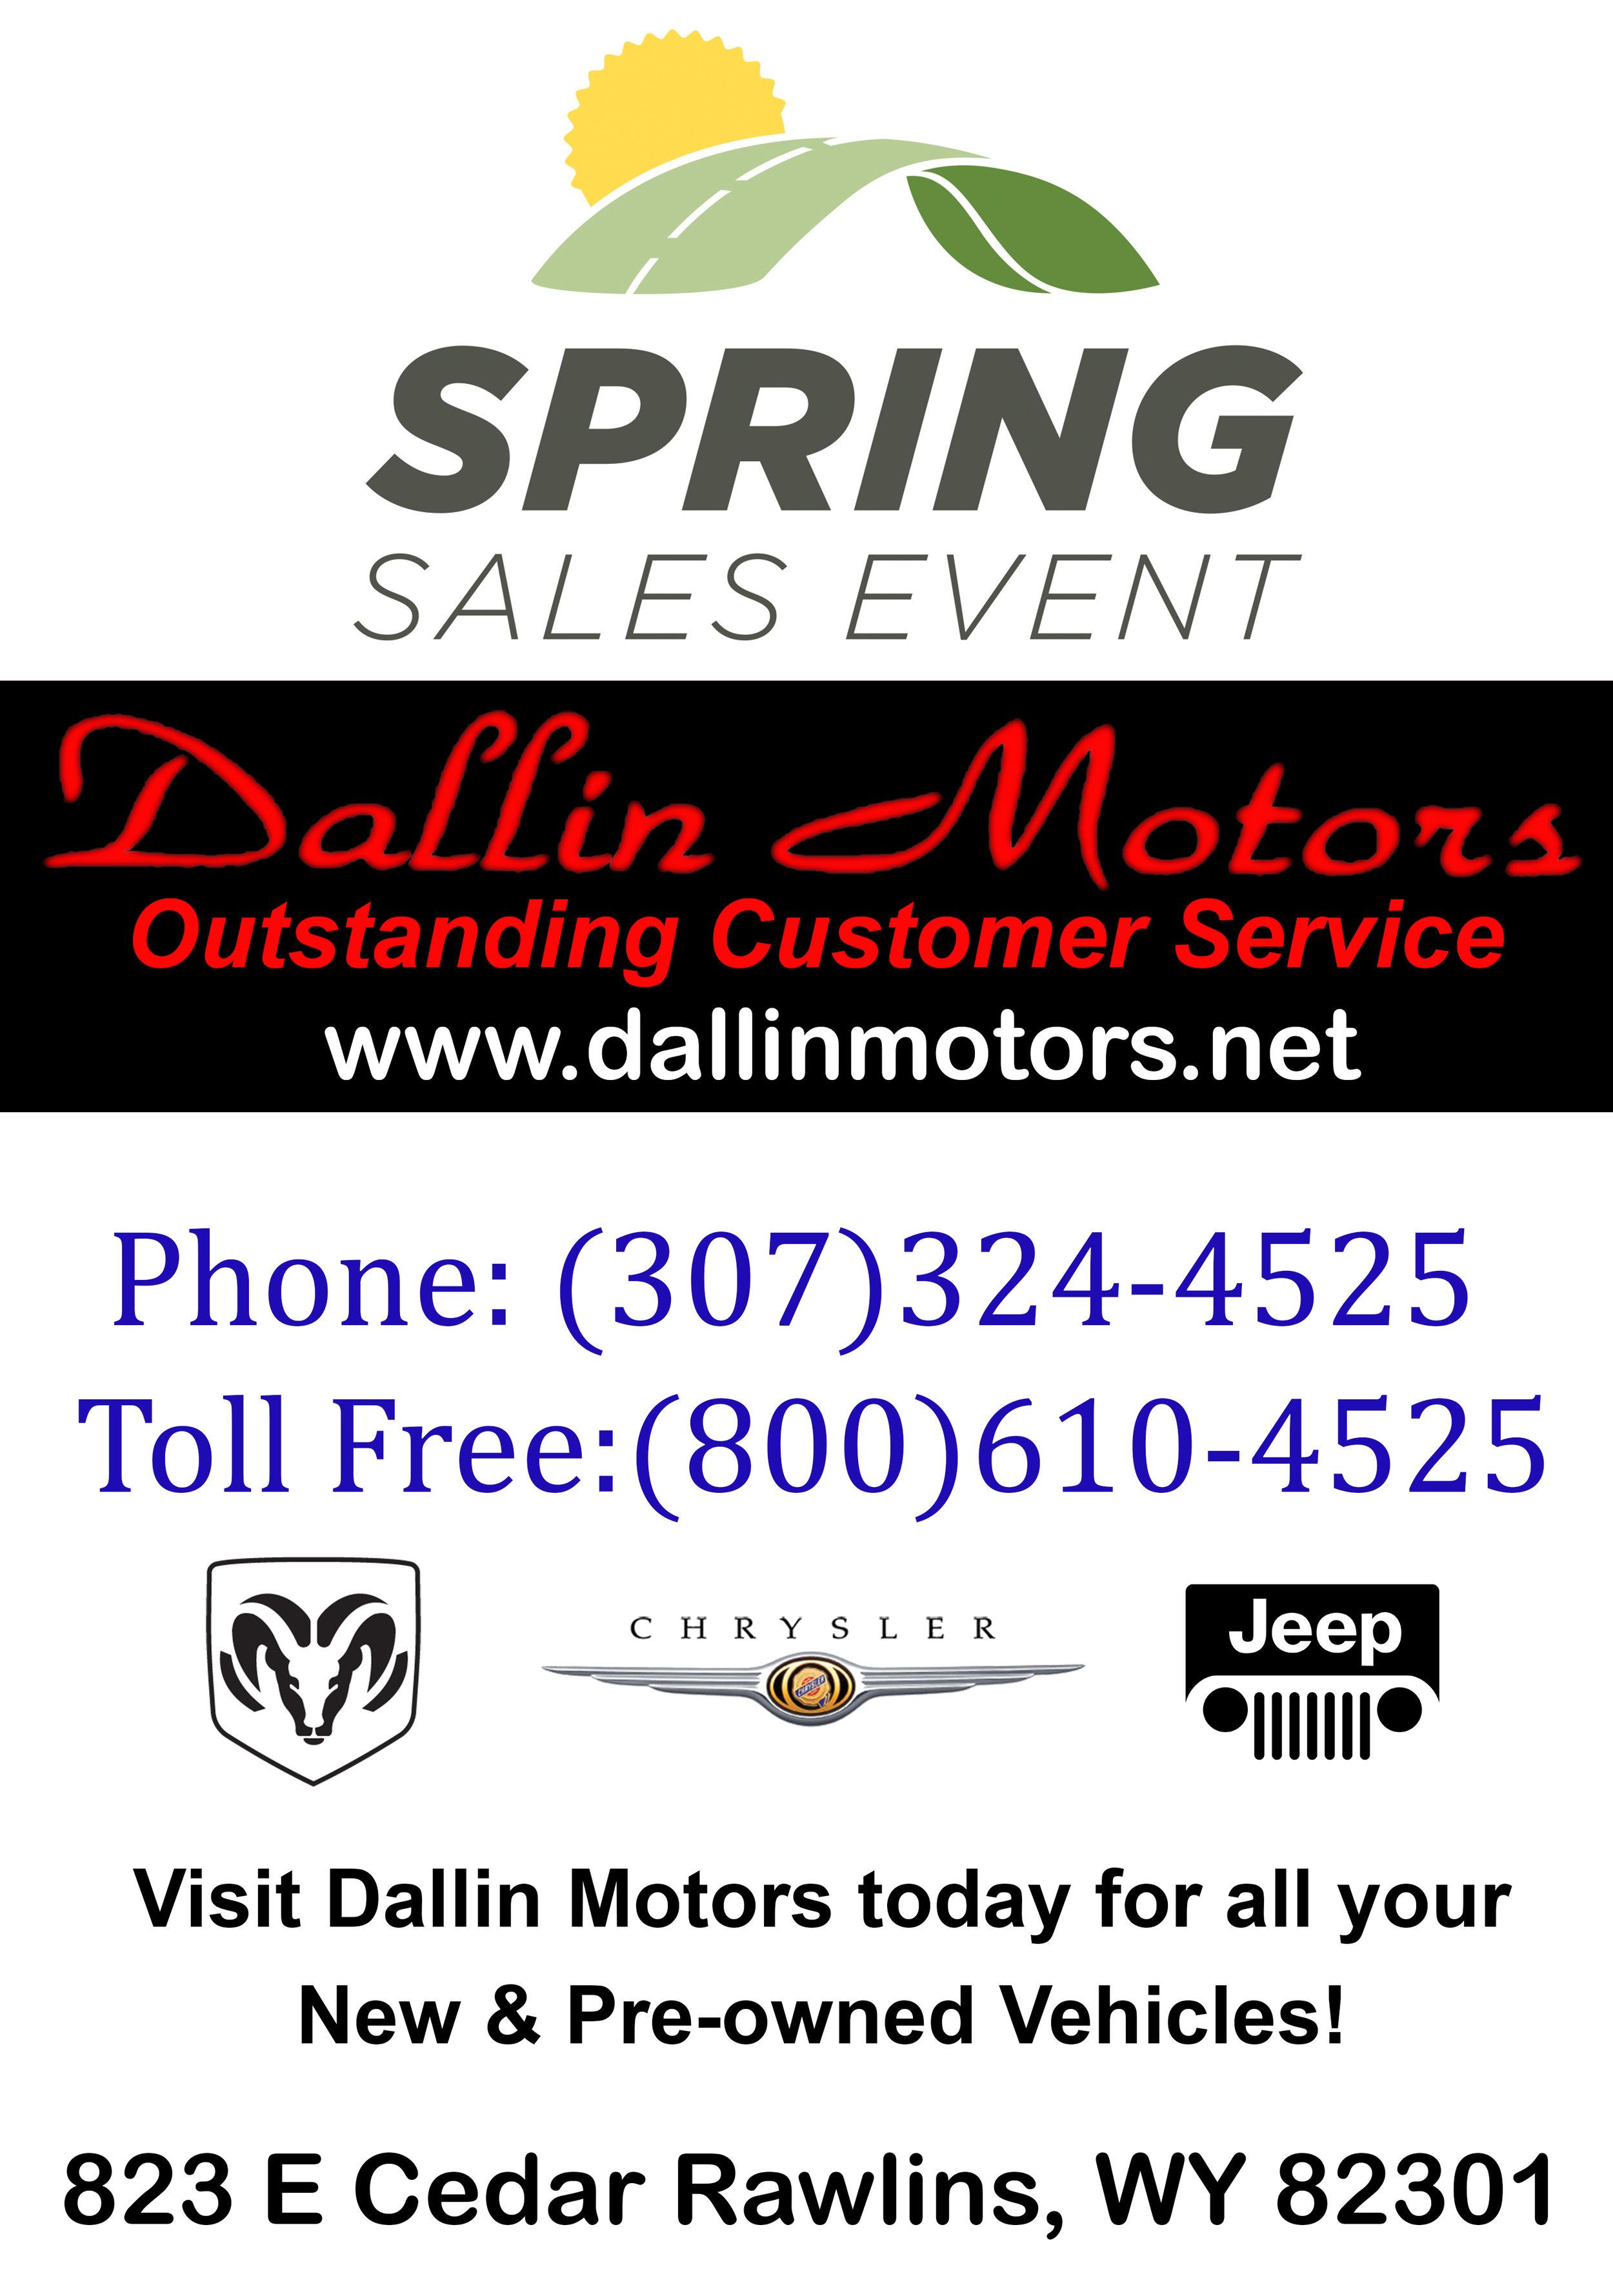 dallin motors welcome to brandit express dallin motors welcome to brandit express